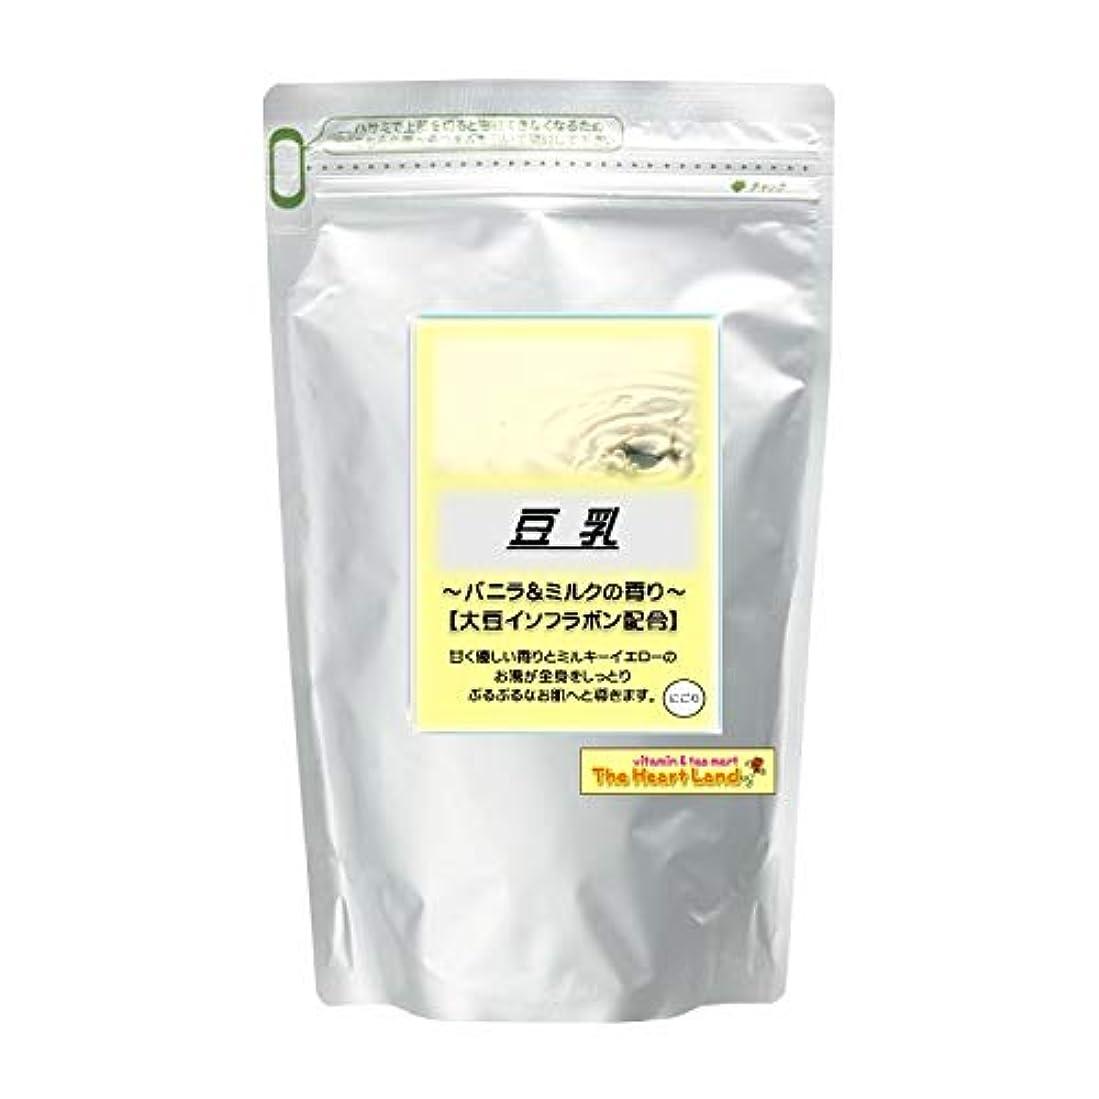 アミューズマイルドひねくれたアサヒ入浴剤 浴用入浴化粧品 豆乳 2.5kg